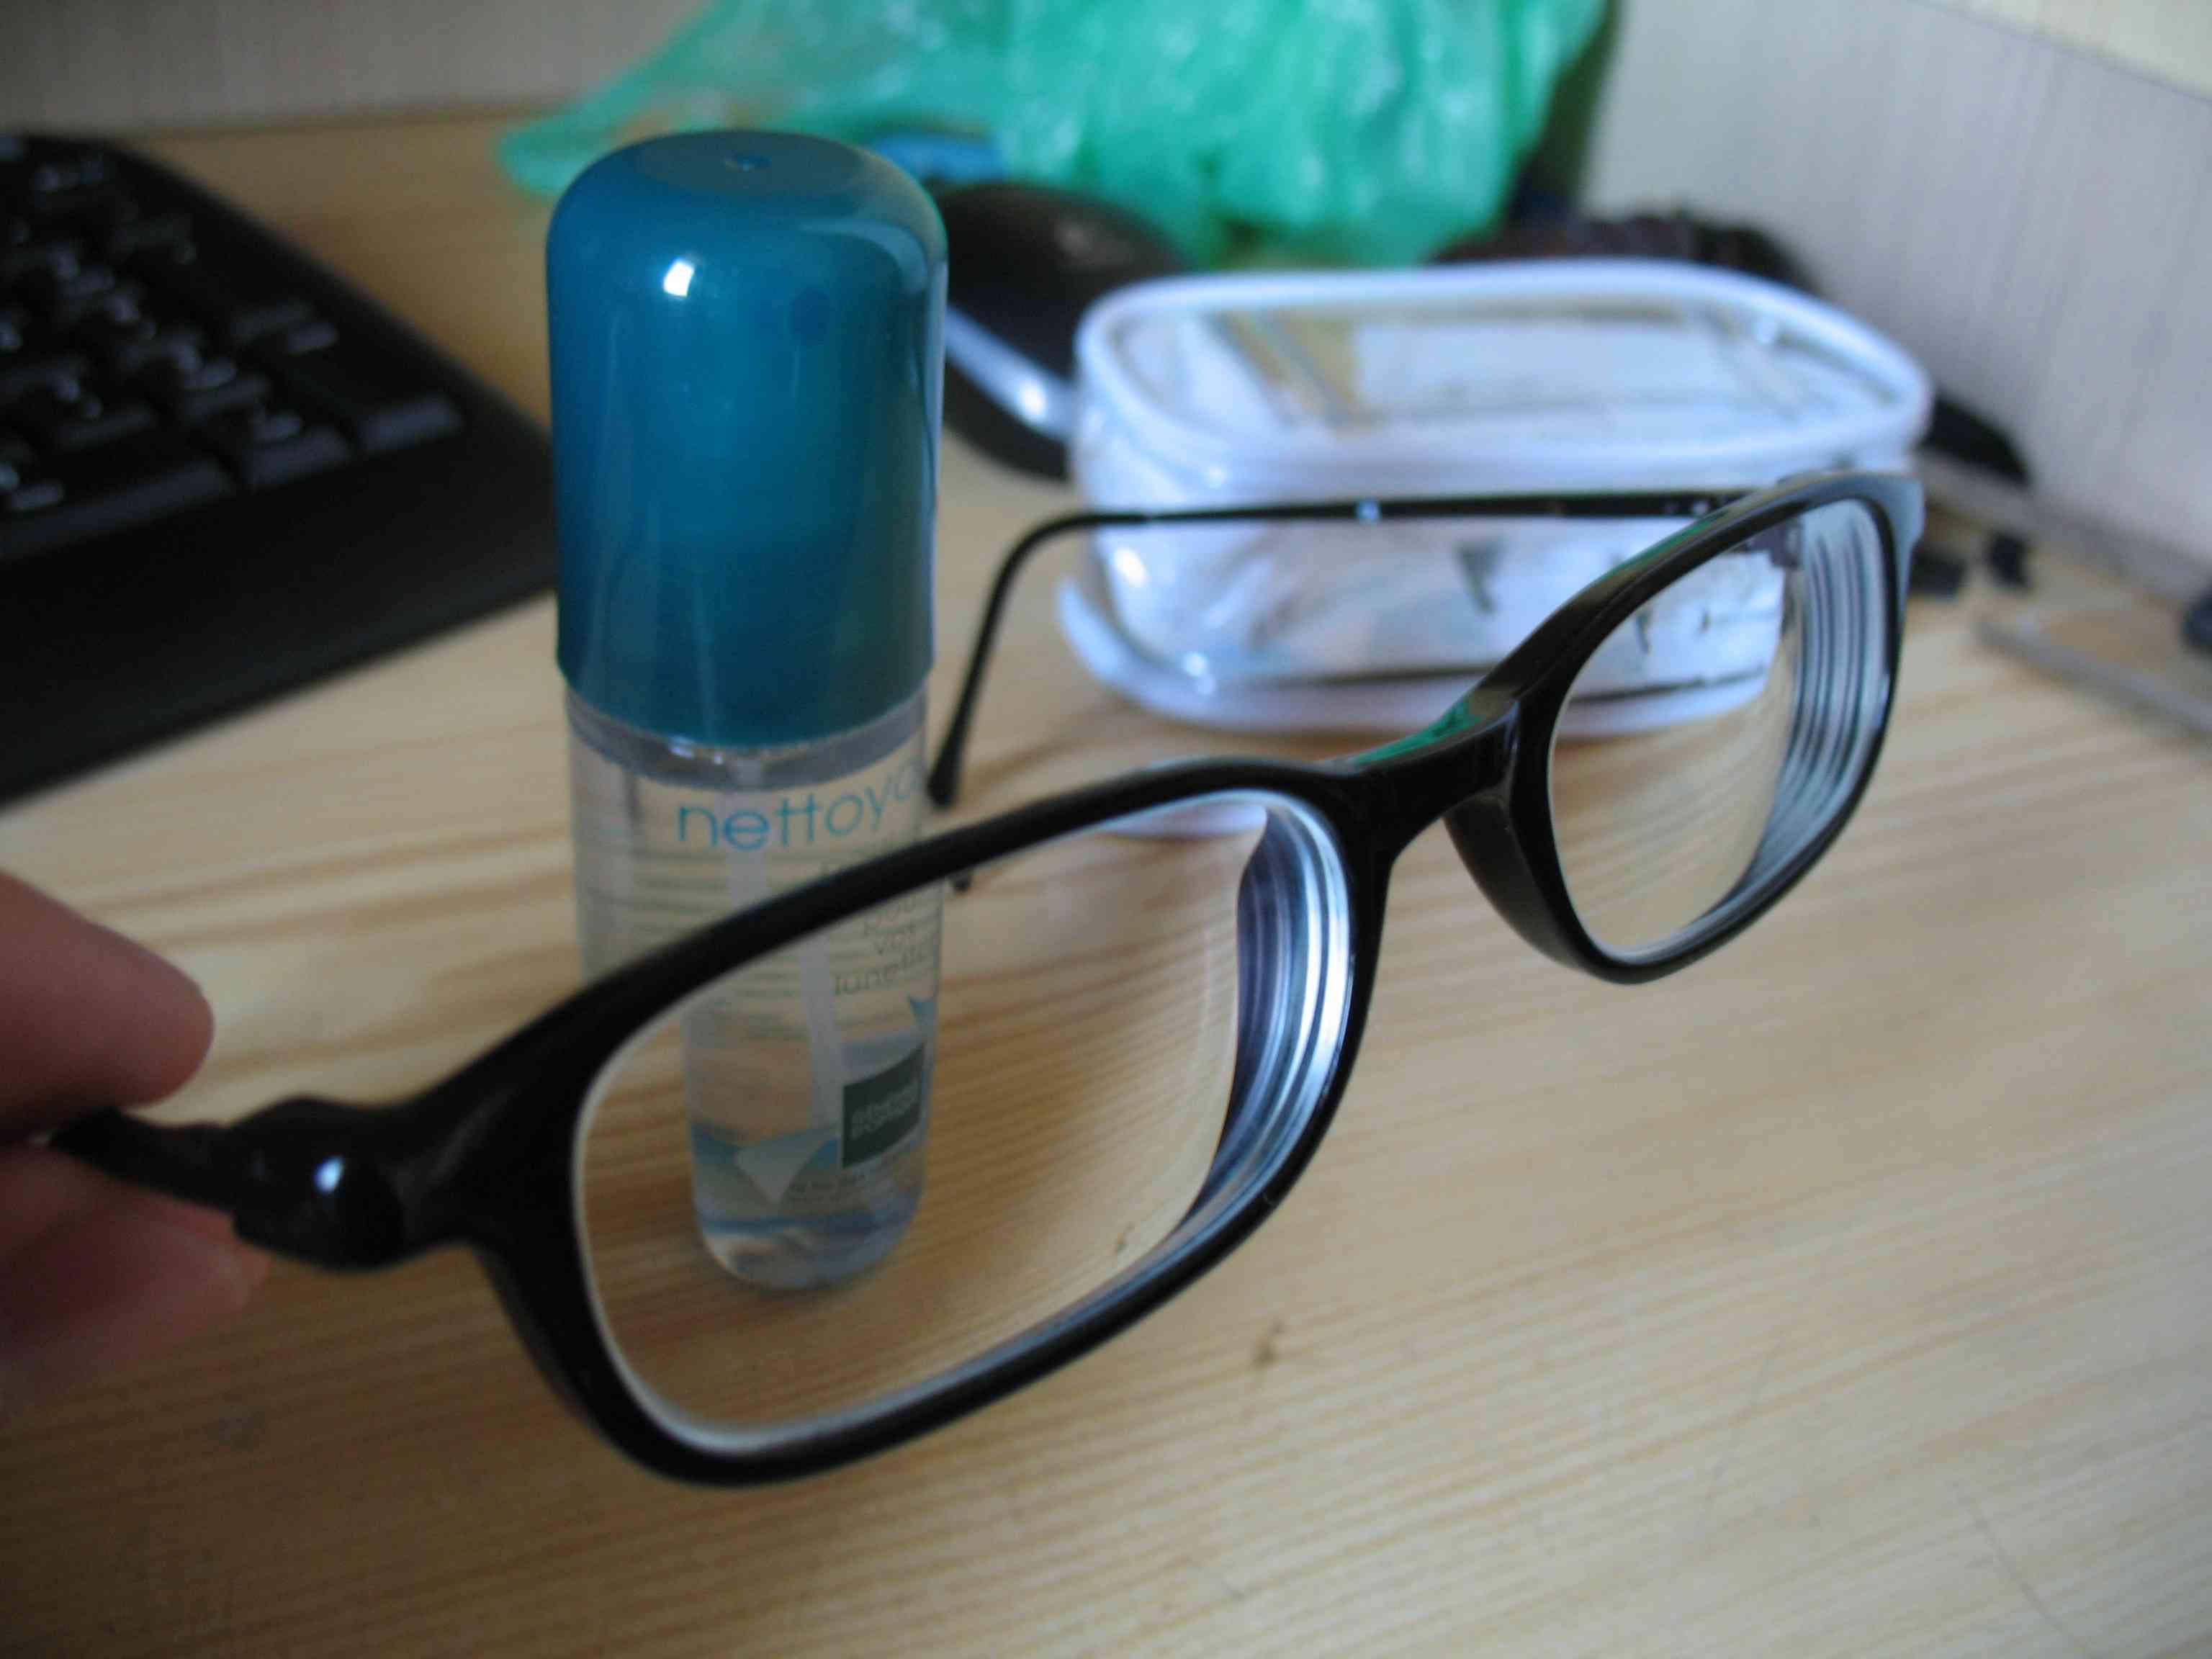 bec93096d032ed Déformation de la vue avec lunette - Myopie, cataracte et problèmes ...